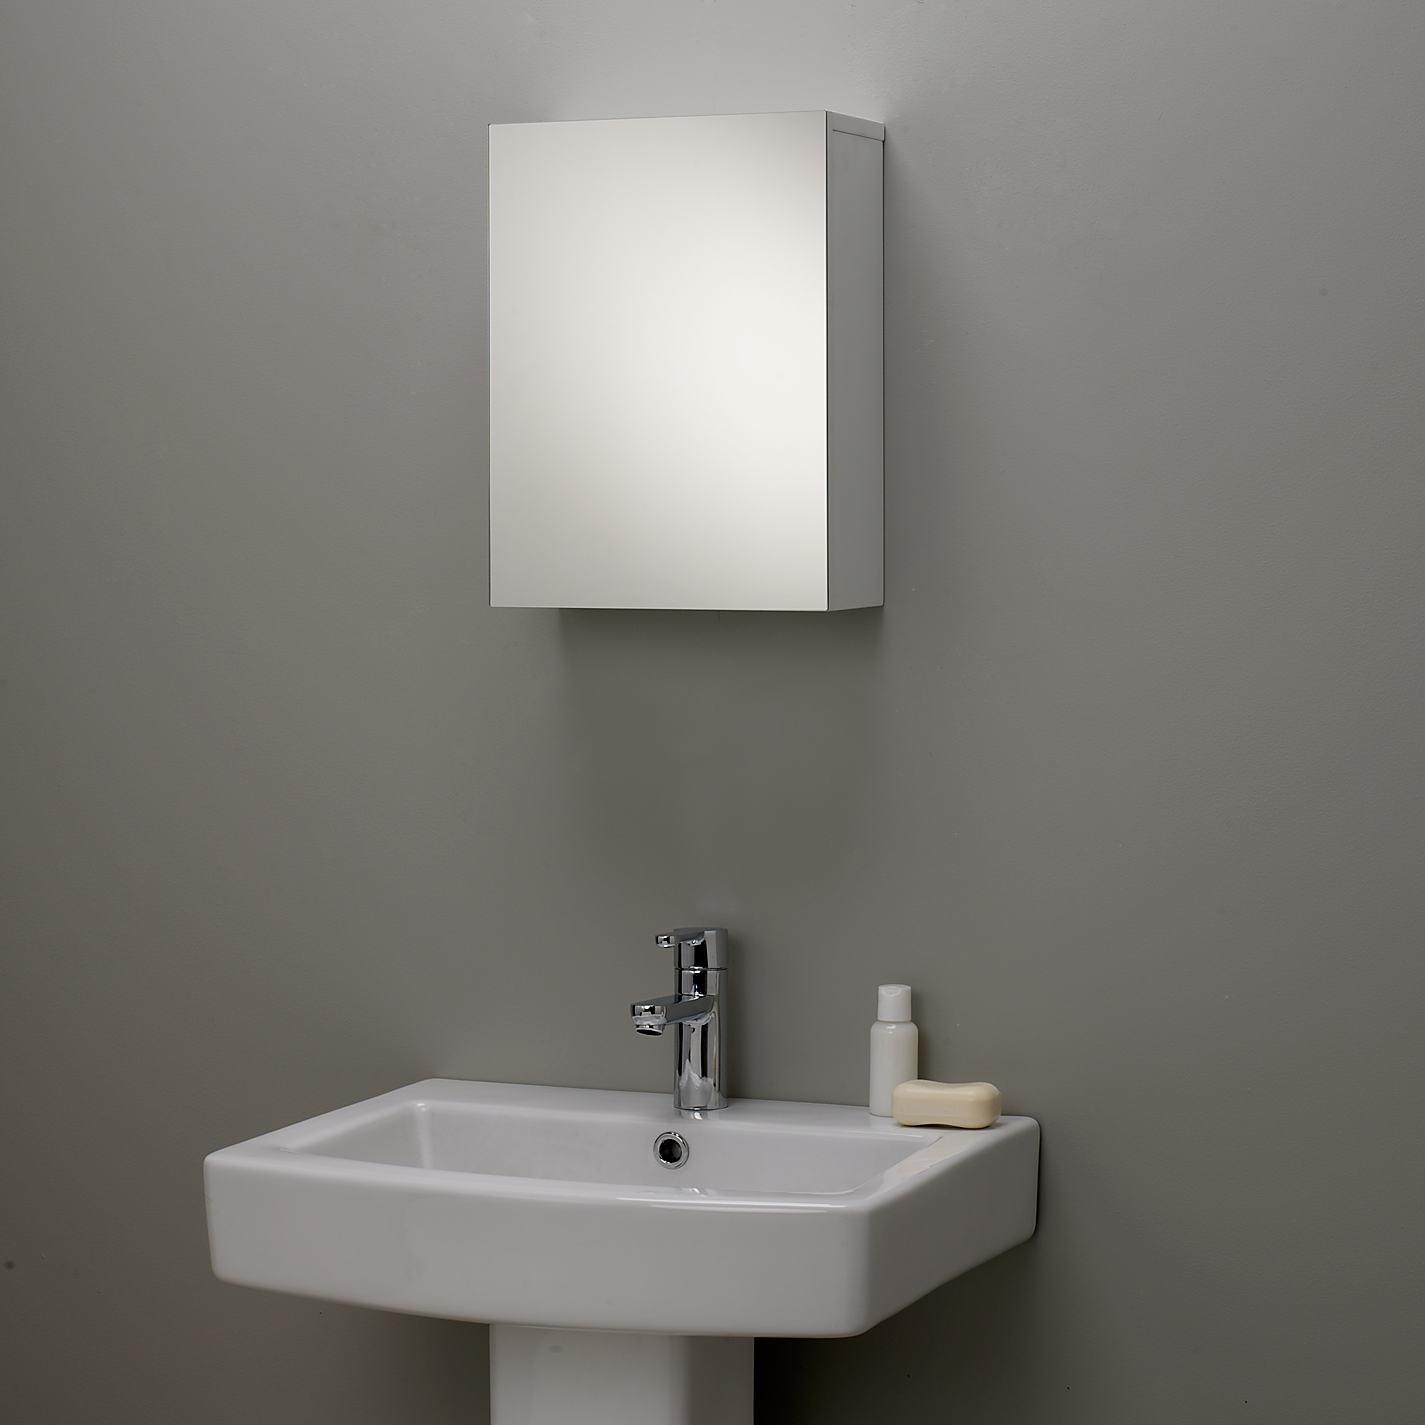 Bathroom Cabinet Mirror Small